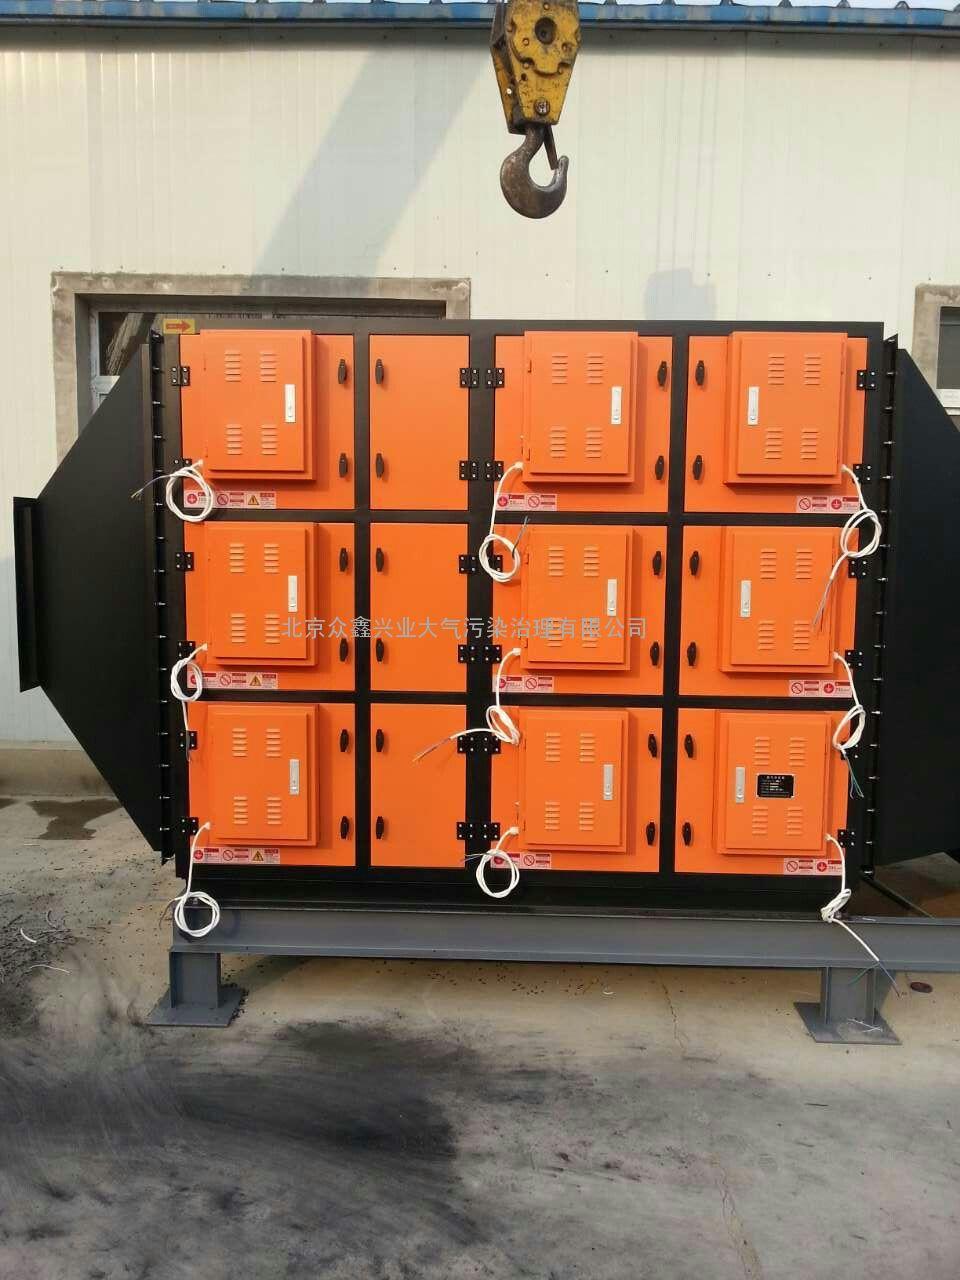 塑料瓶废气处理设备/PP酸雾吸收塔/注塑废气治理技术/环保设备